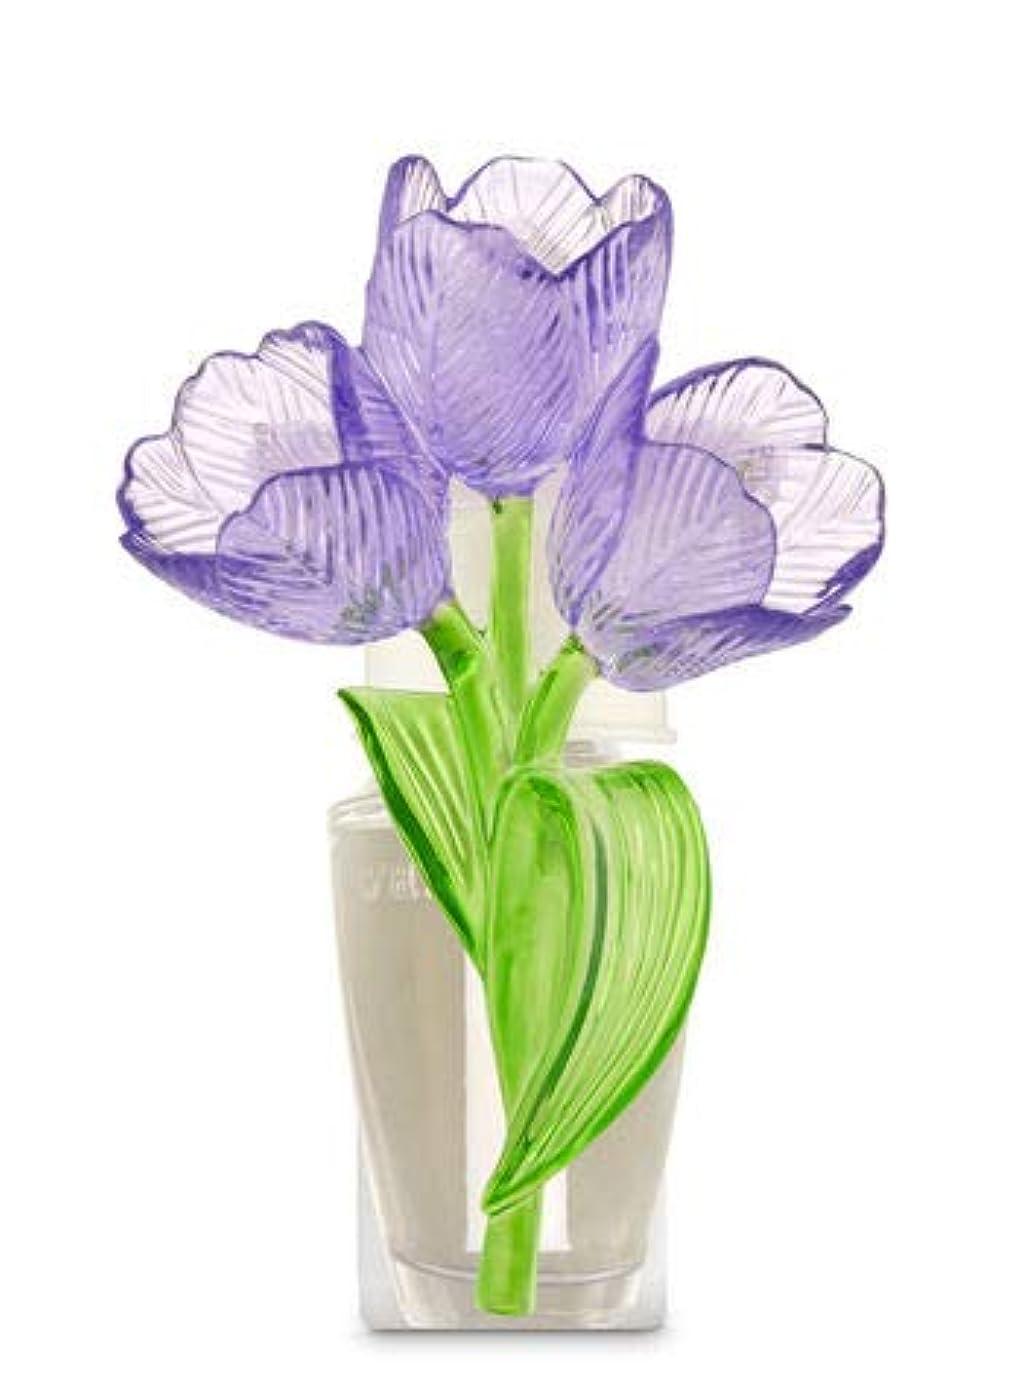 銀河豊かにするバイナリ【Bath&Body Works/バス&ボディワークス】 ルームフレグランス プラグインスターター (本体のみ) チューリップ ナイトライト Wallflowers Fragrance Plug Tulips Night Light [並行輸入品]